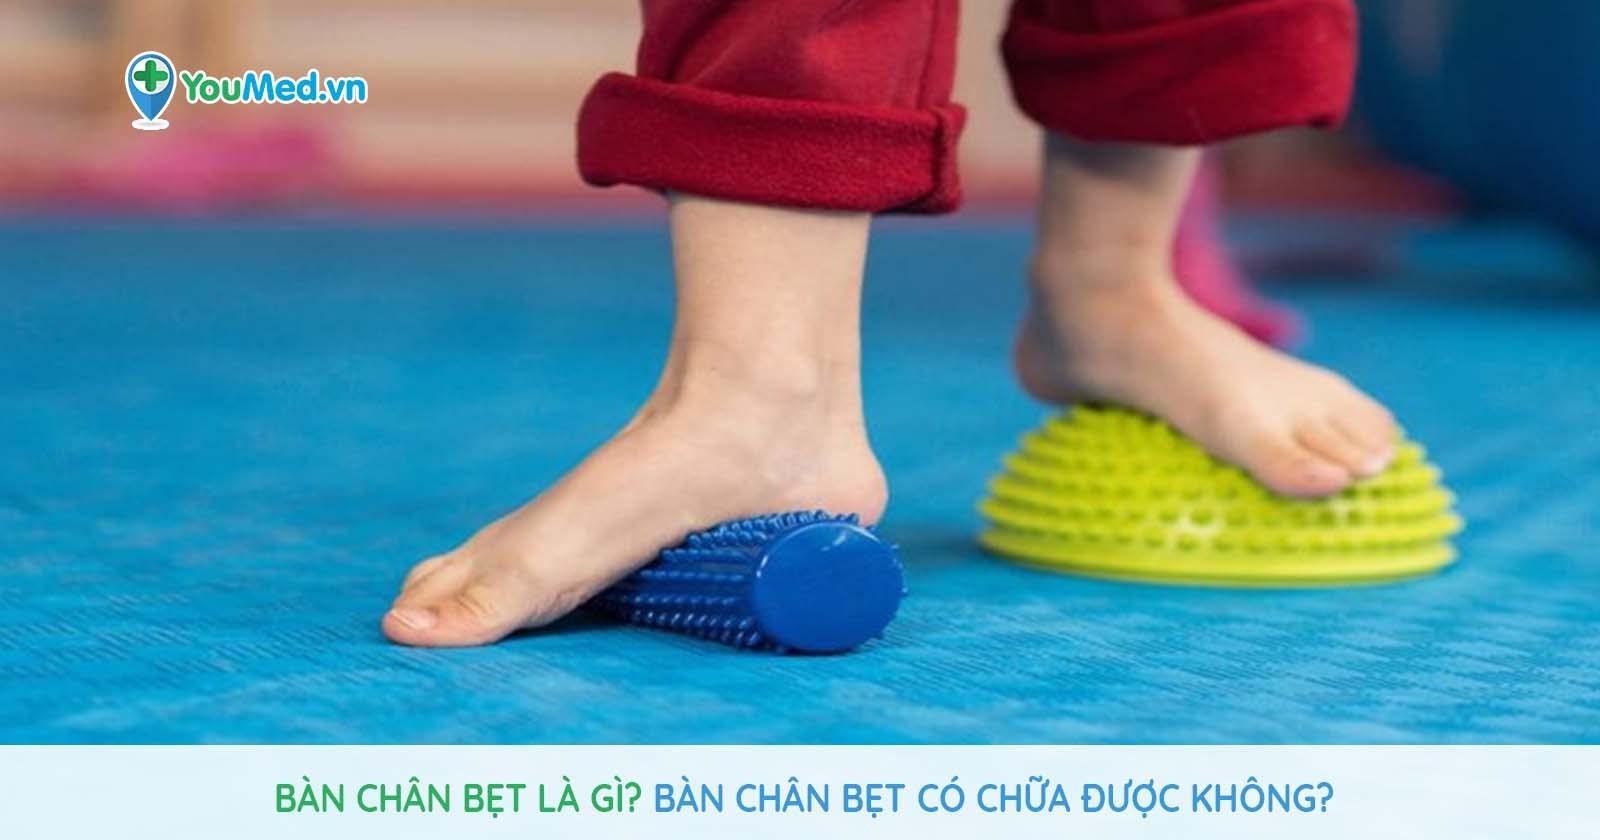 Bàn chân bẹt là gì? Bàn chân bẹt có chữa được không?